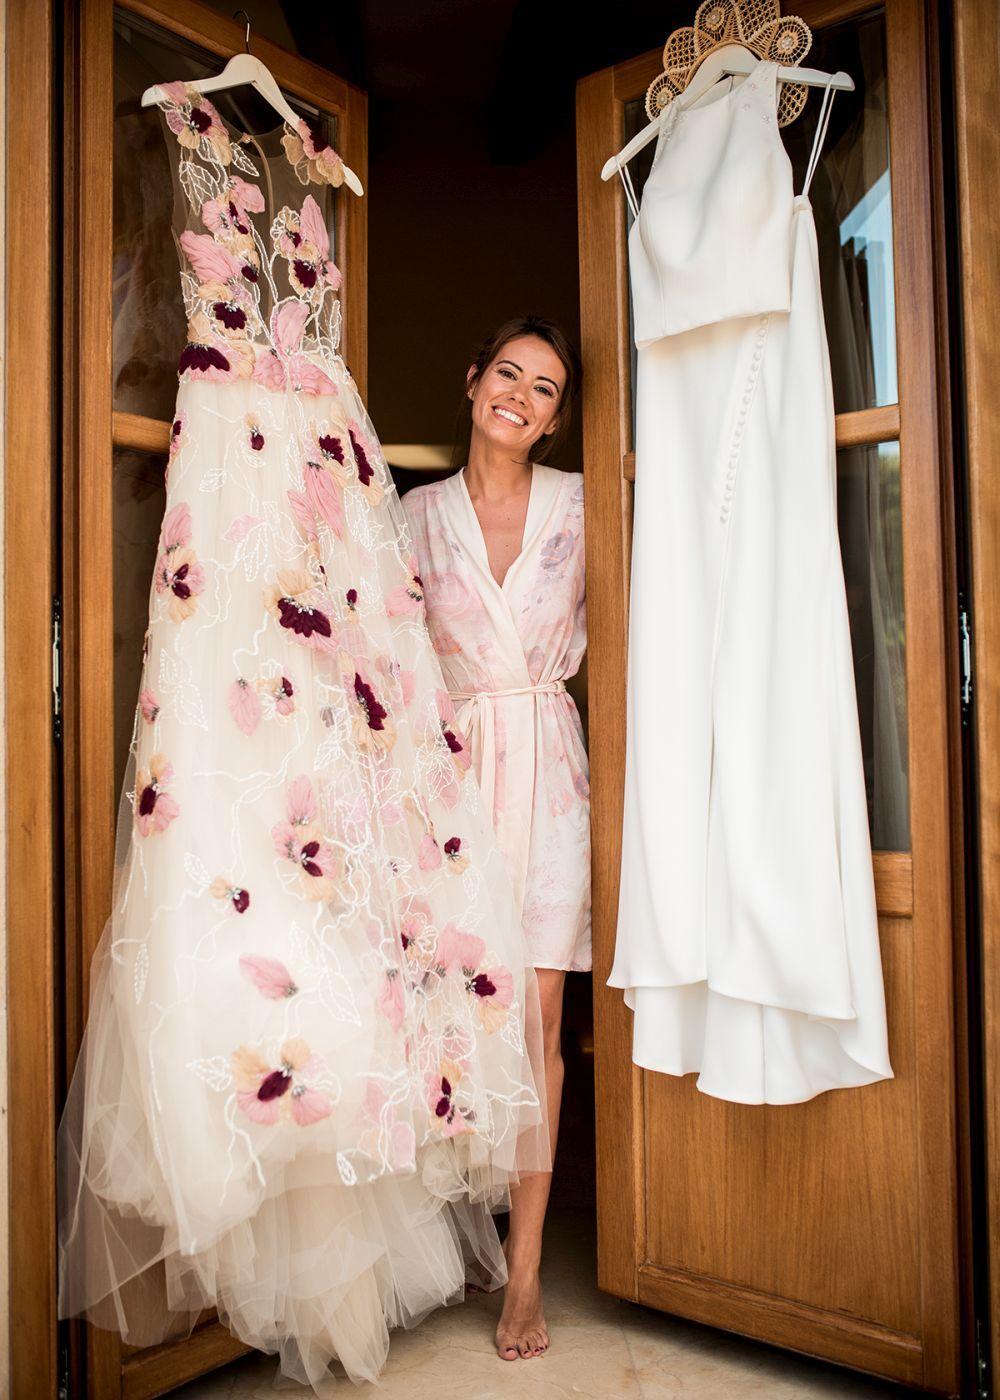 Sheila fue una novia que optó por lucir un vestido en la ceremonia y...